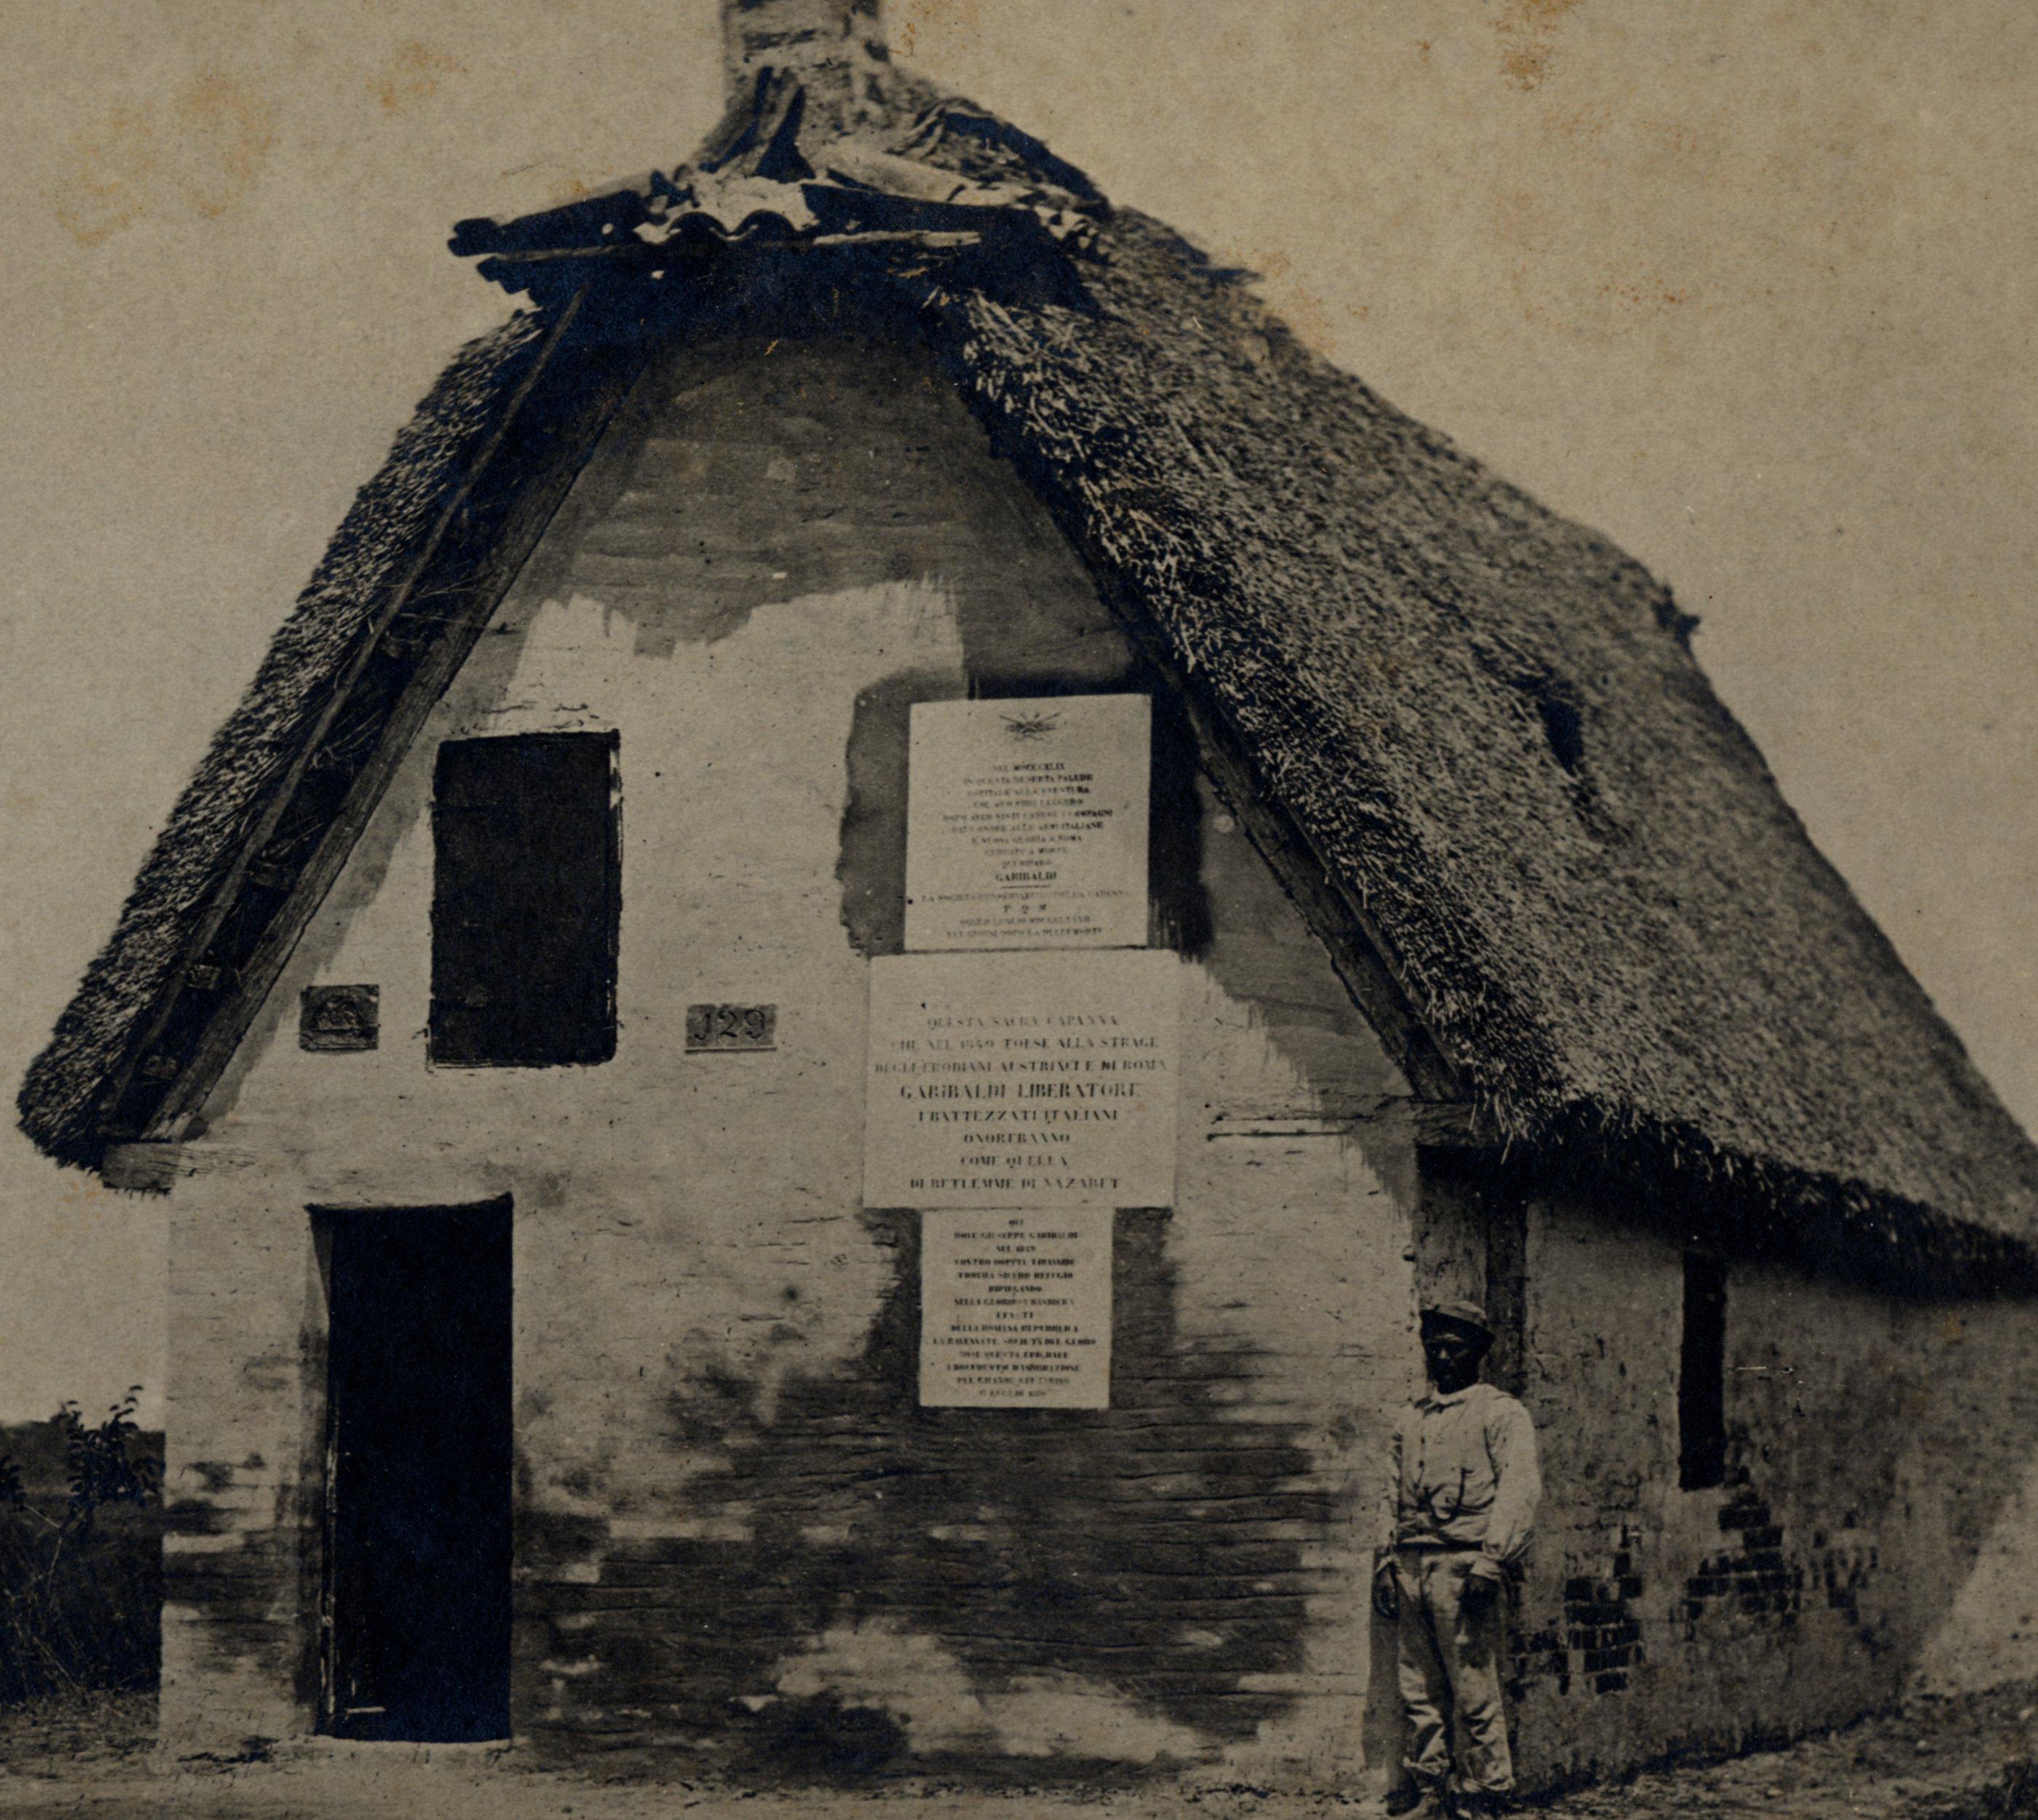 Capanno presso la Pineta San Vitale (Ravenna) dove Garibaldi si rifugiò tra il 6 e il 7 agosto 1849